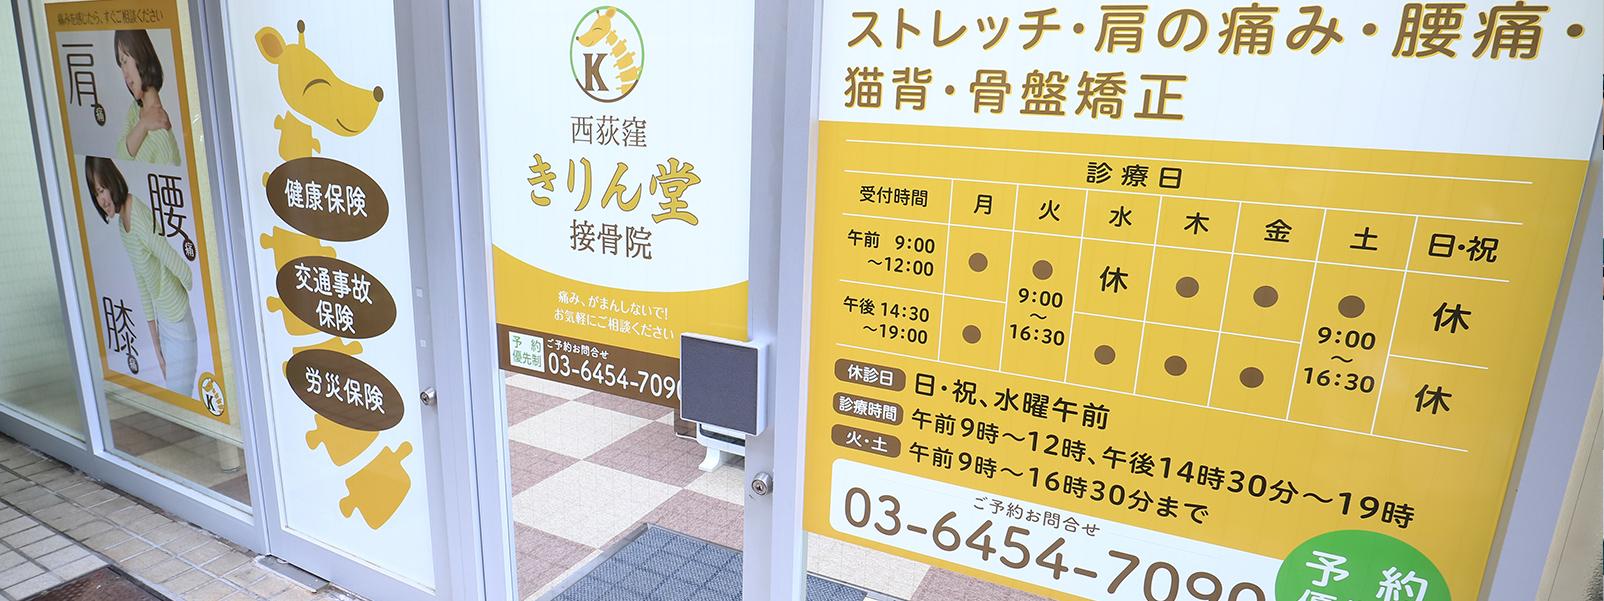 西荻窪で整体なら駅徒歩3分の【西荻窪きりん堂接骨院】